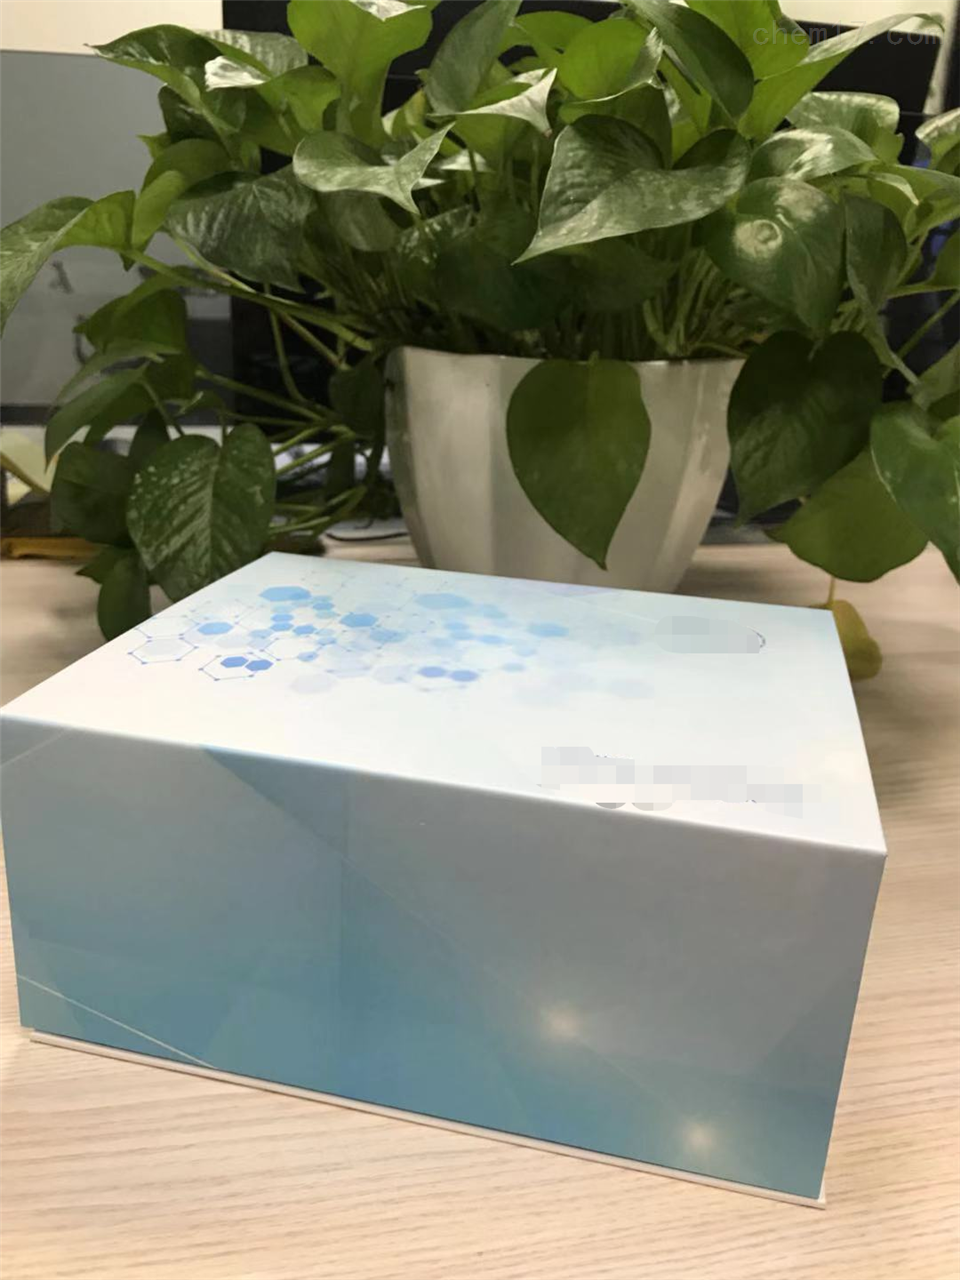 人乙酰胆碱酯酶(AChE)ELISA试剂盒